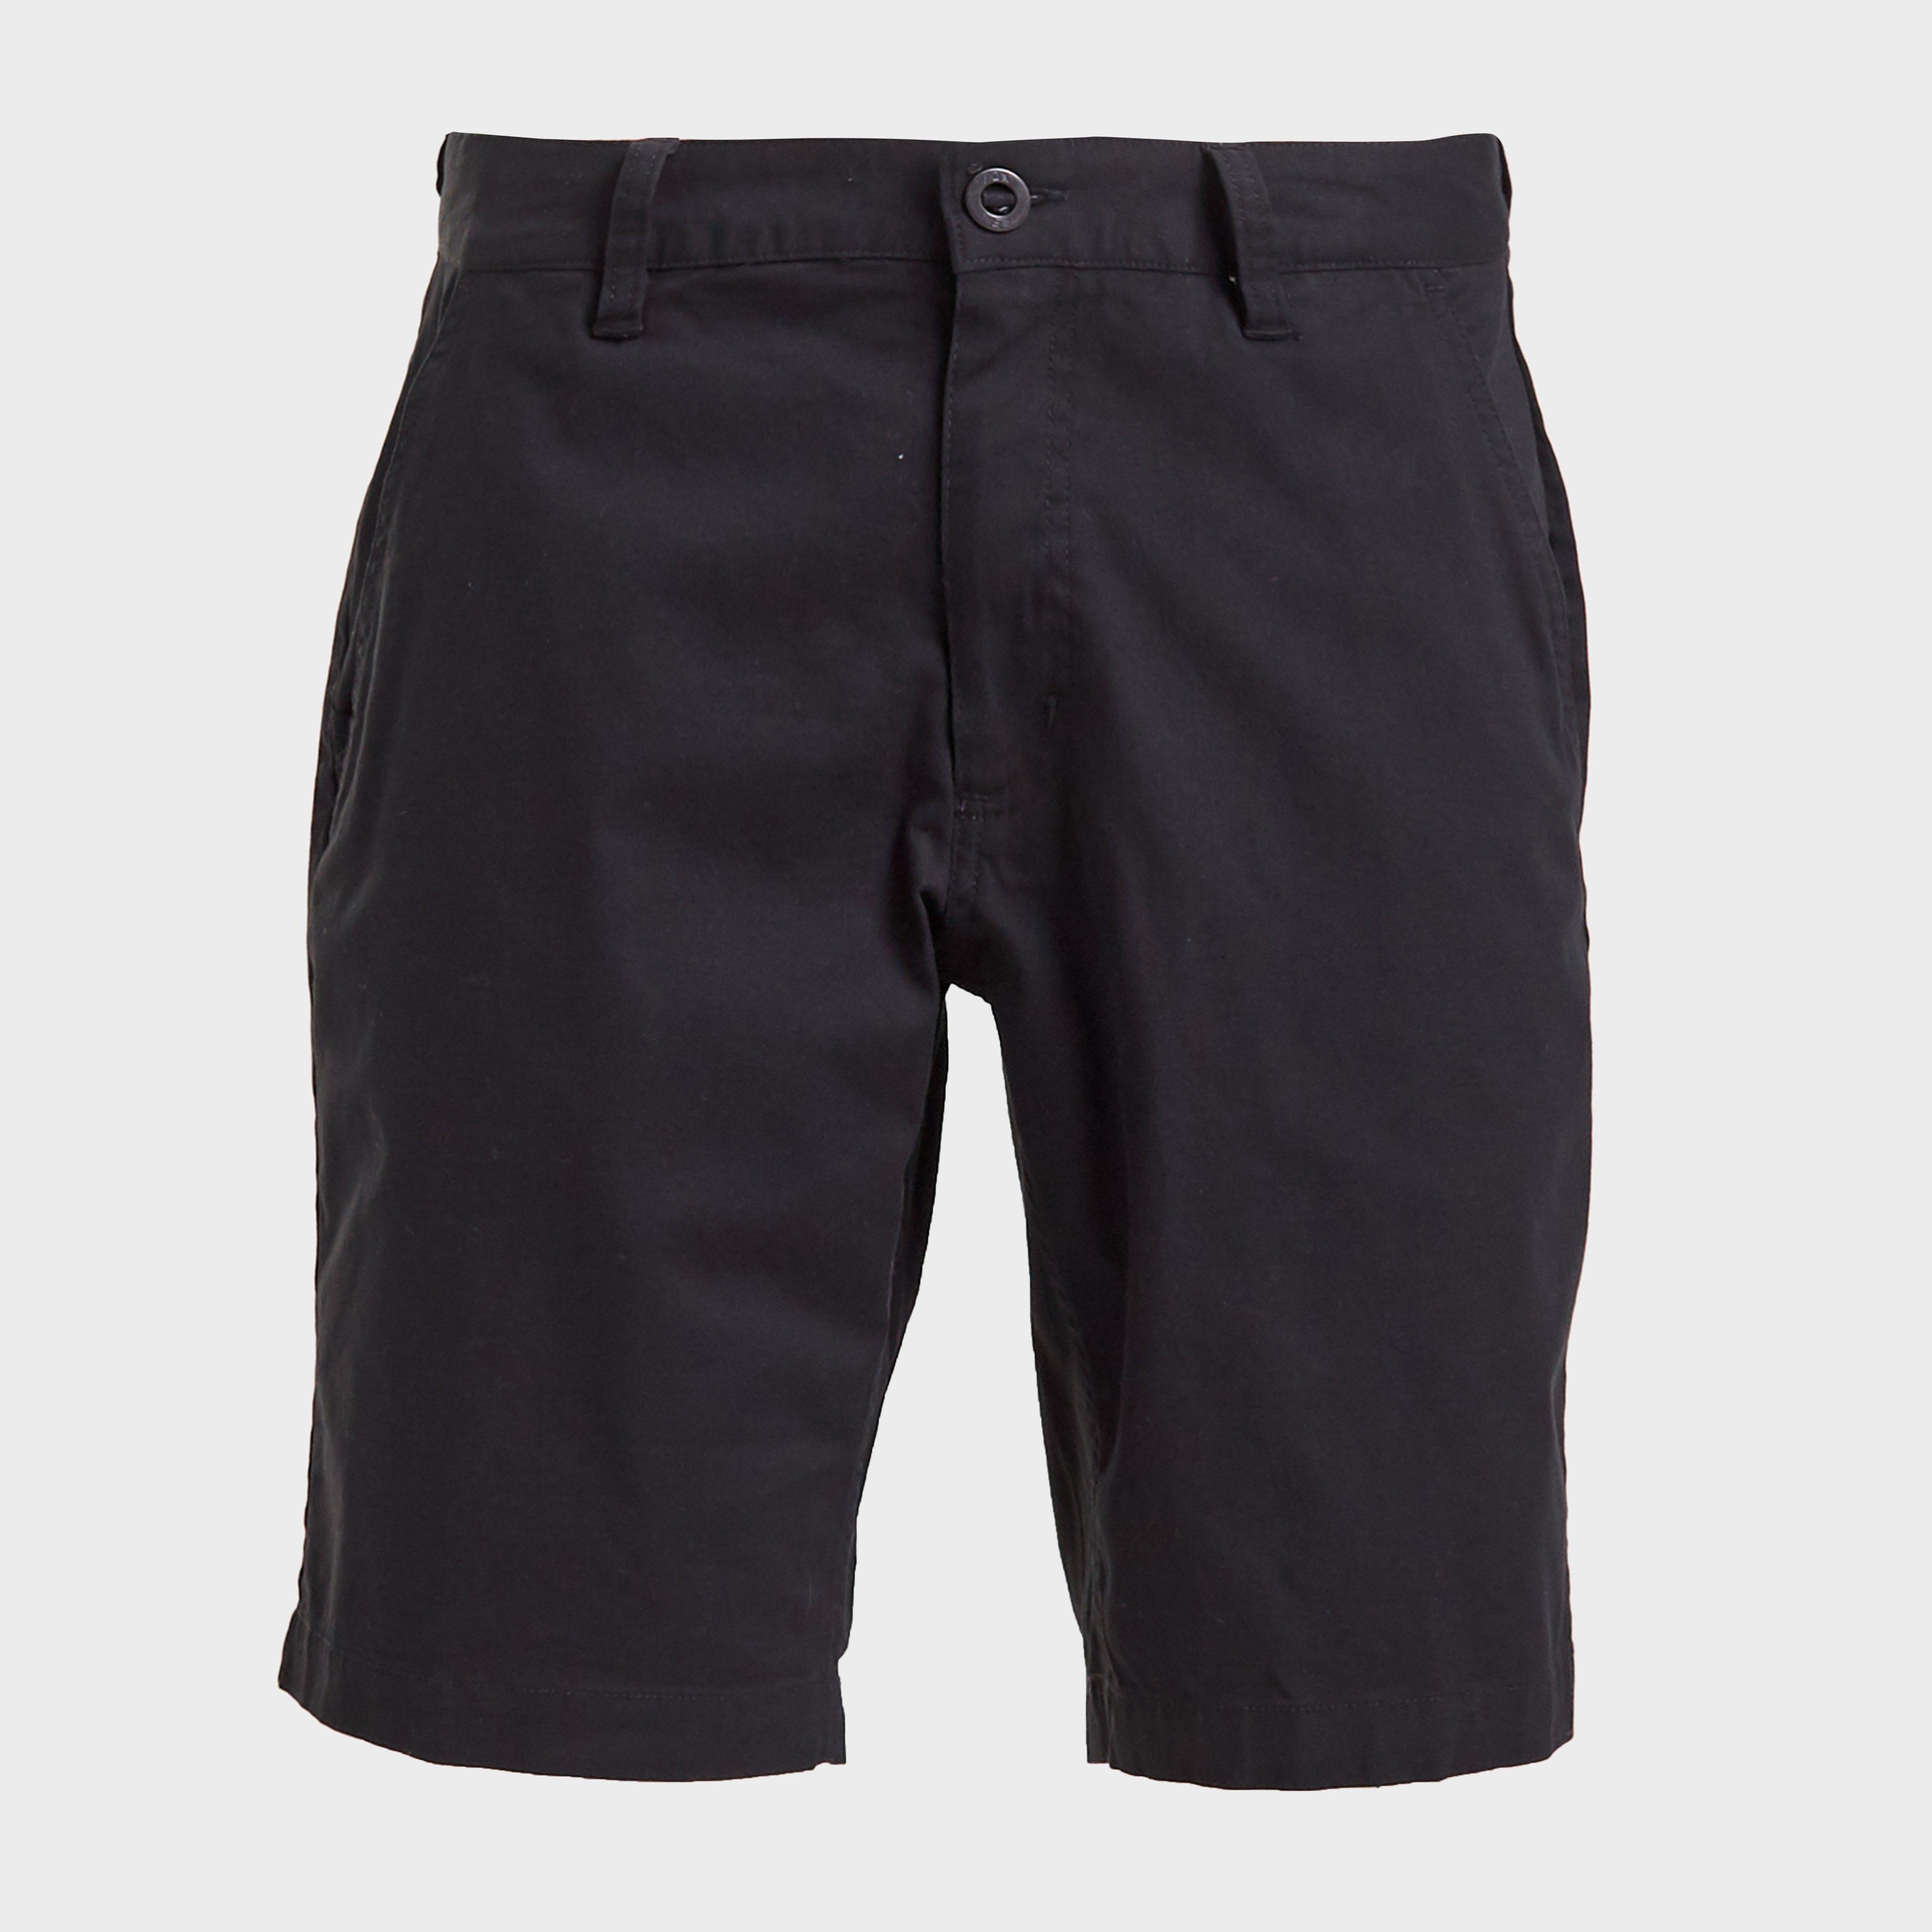 Fox Mens Essex Shorts 20, Black/Black